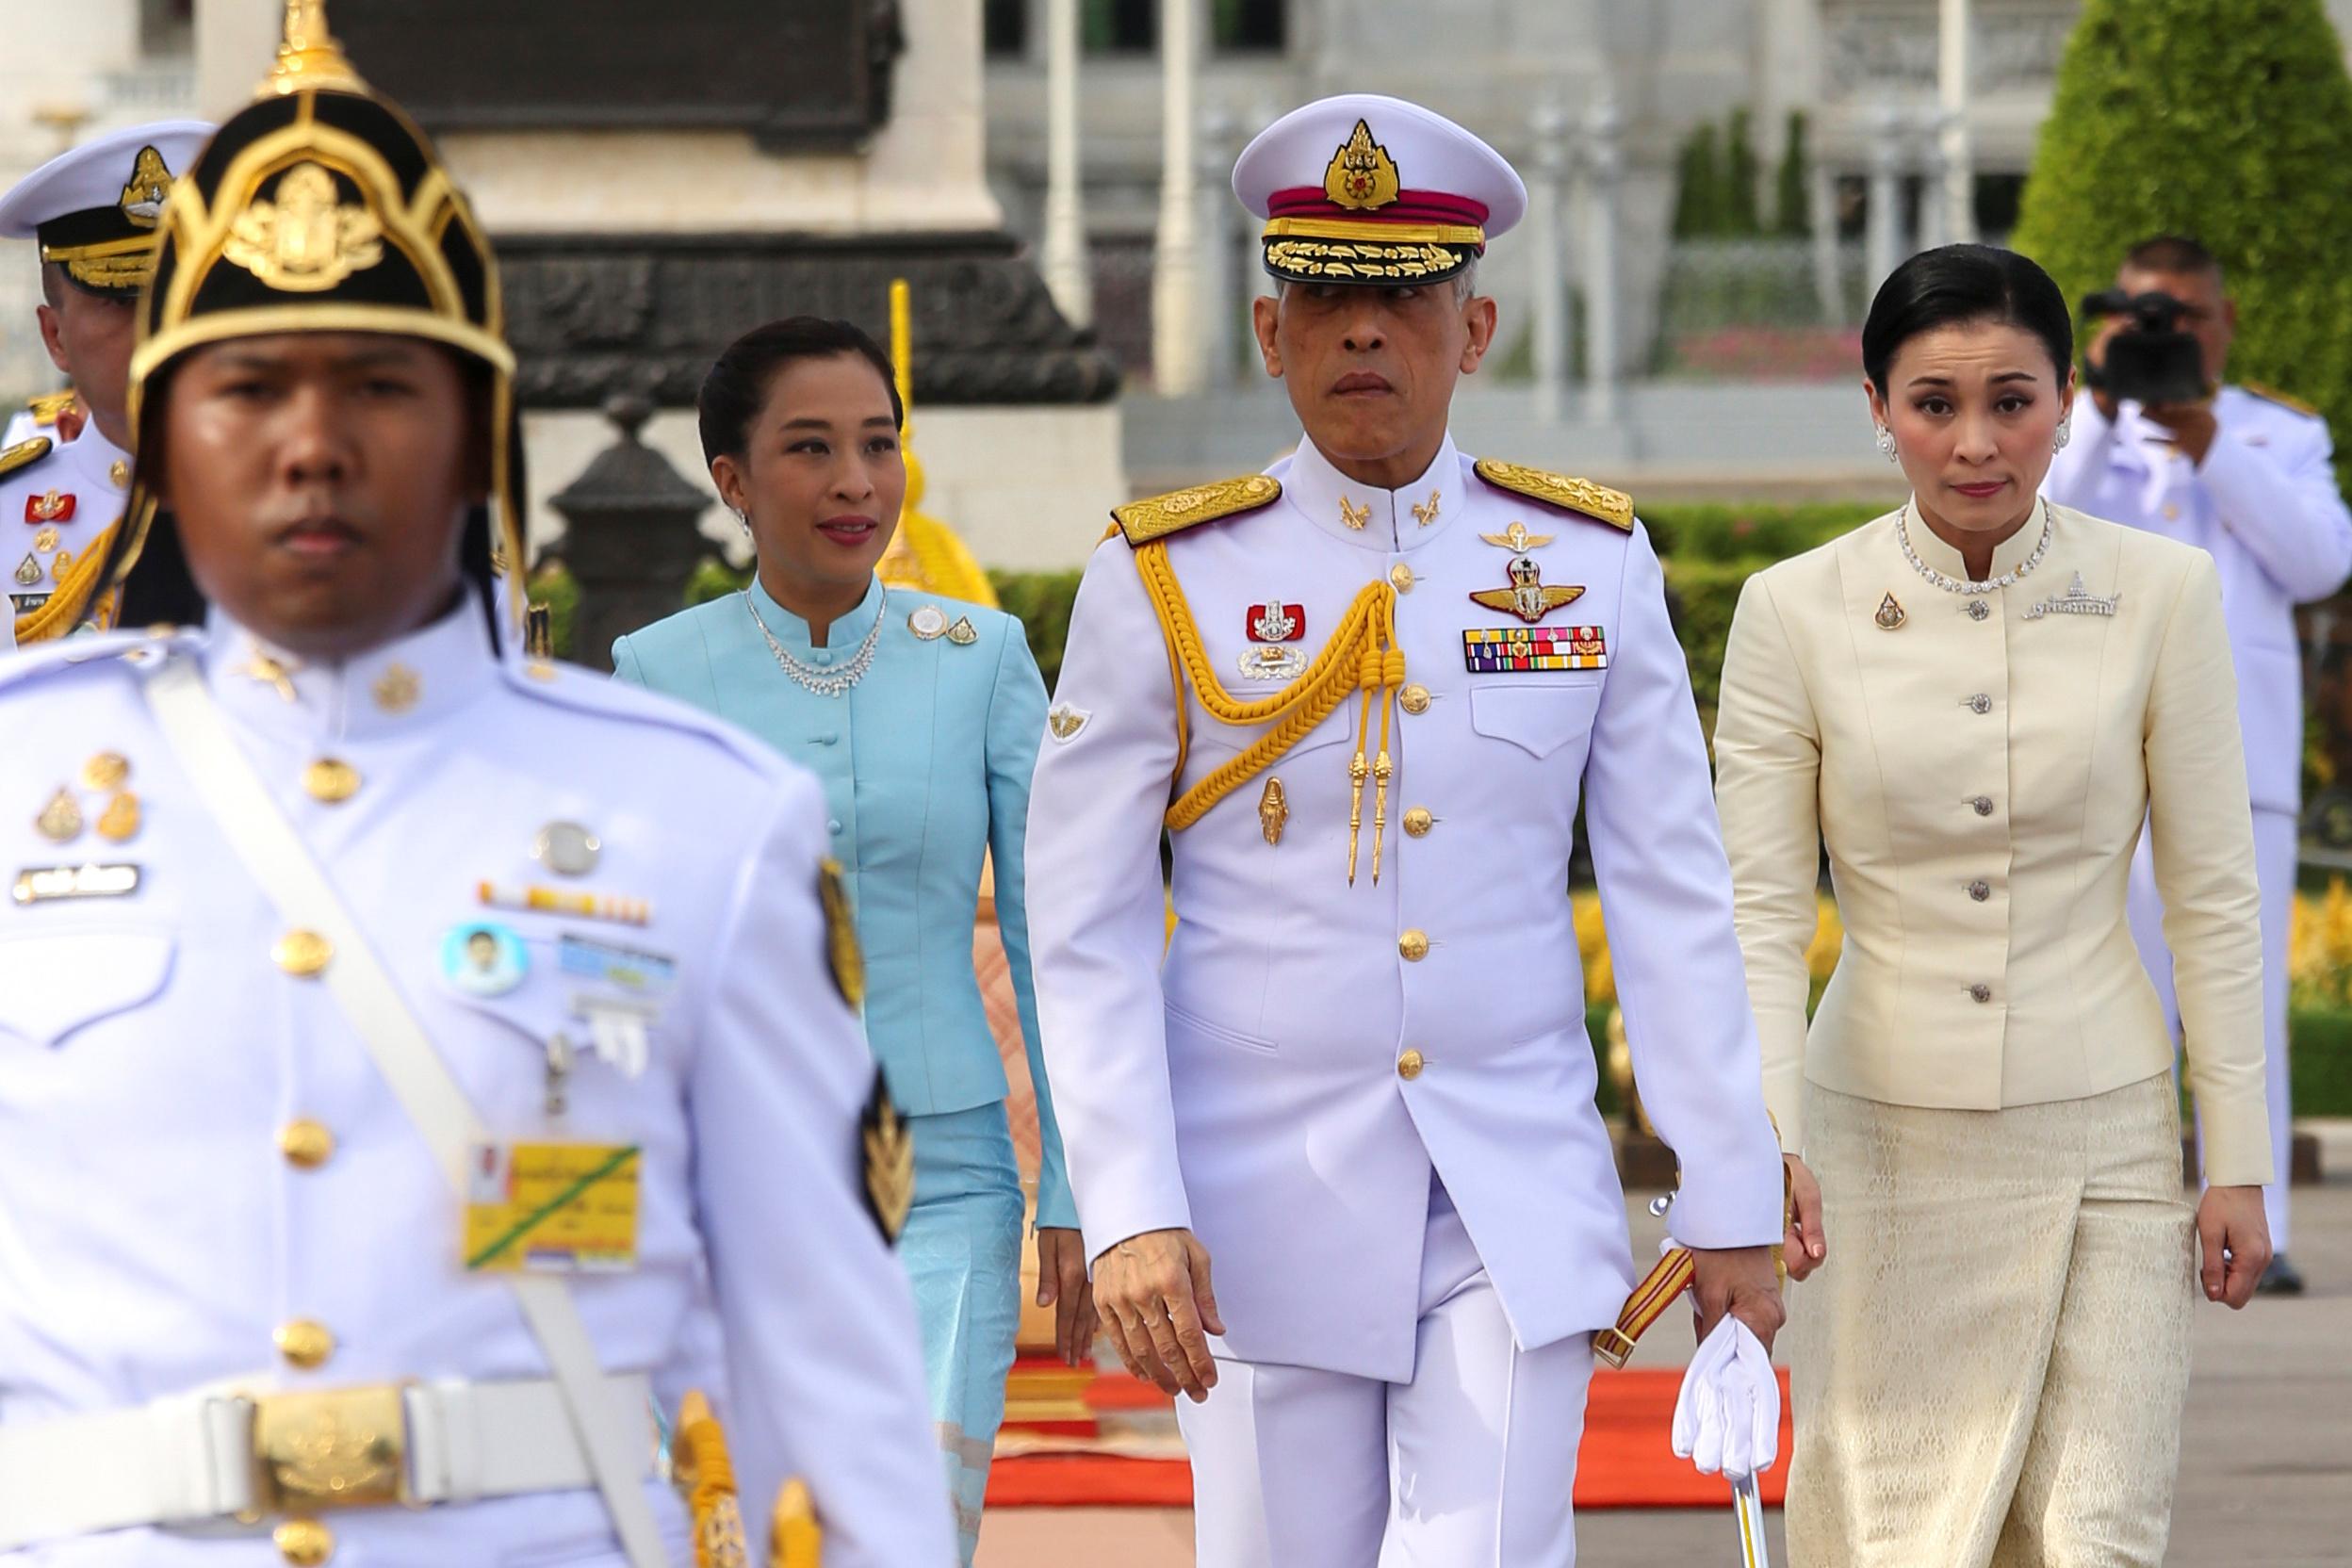 Thailand's King Maha Vajiralongkorn, Queen Suthida and Princess Bajrakitiyabha leave after paying their respect at the statue of King Rama V at the Royal Plaza in Bangkok, Thailand, May 2, 2019. Pool via Reuters